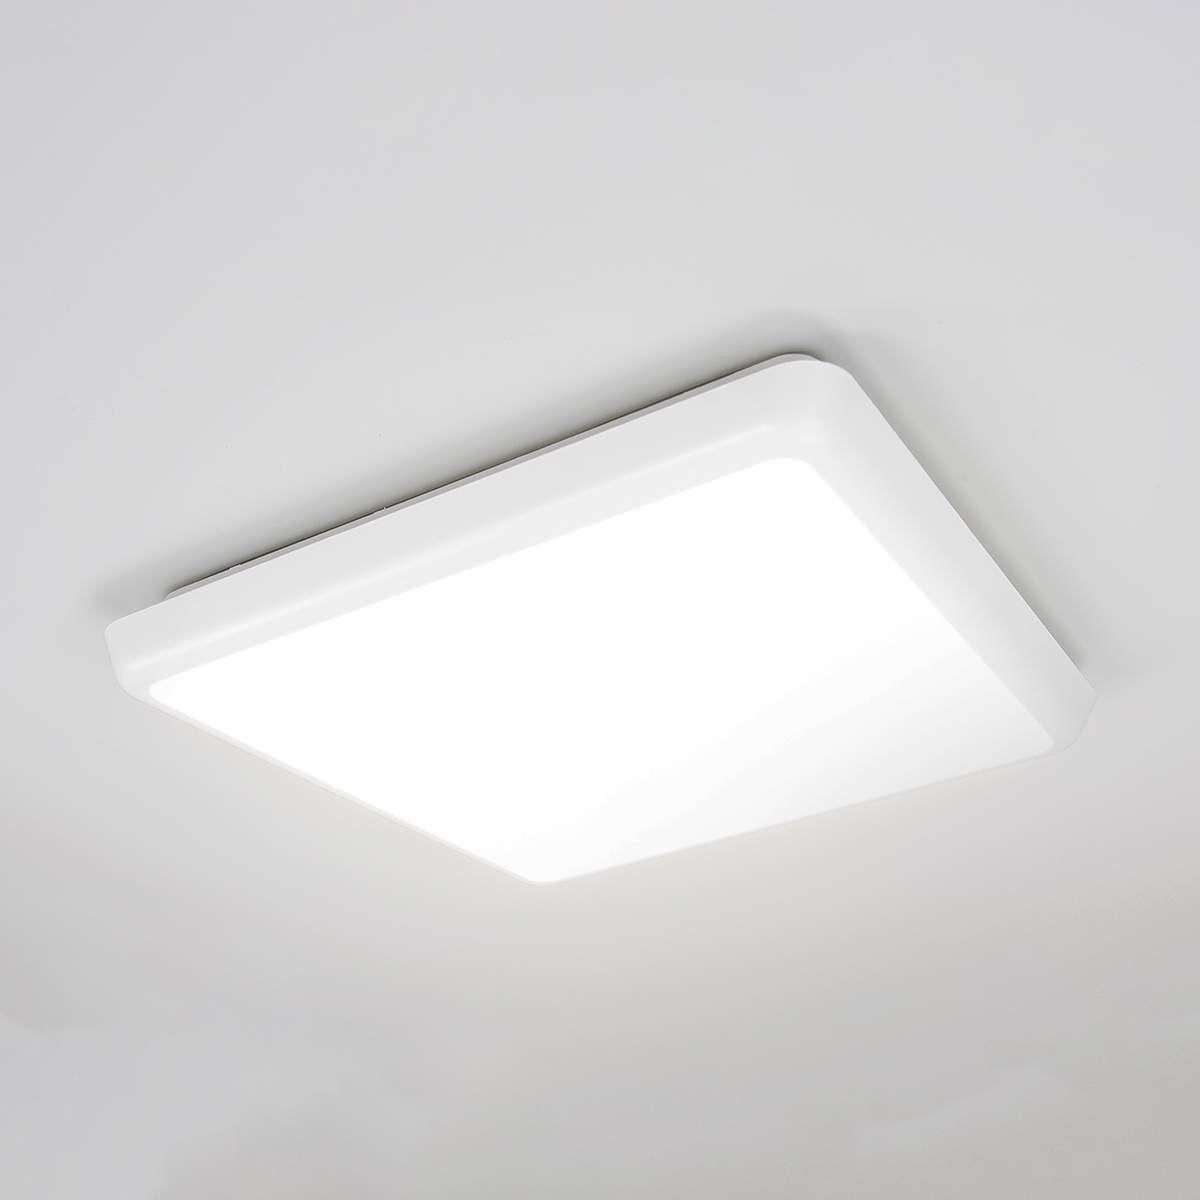 deckenleuchten design gold | badezimmer beleuchtung led ...